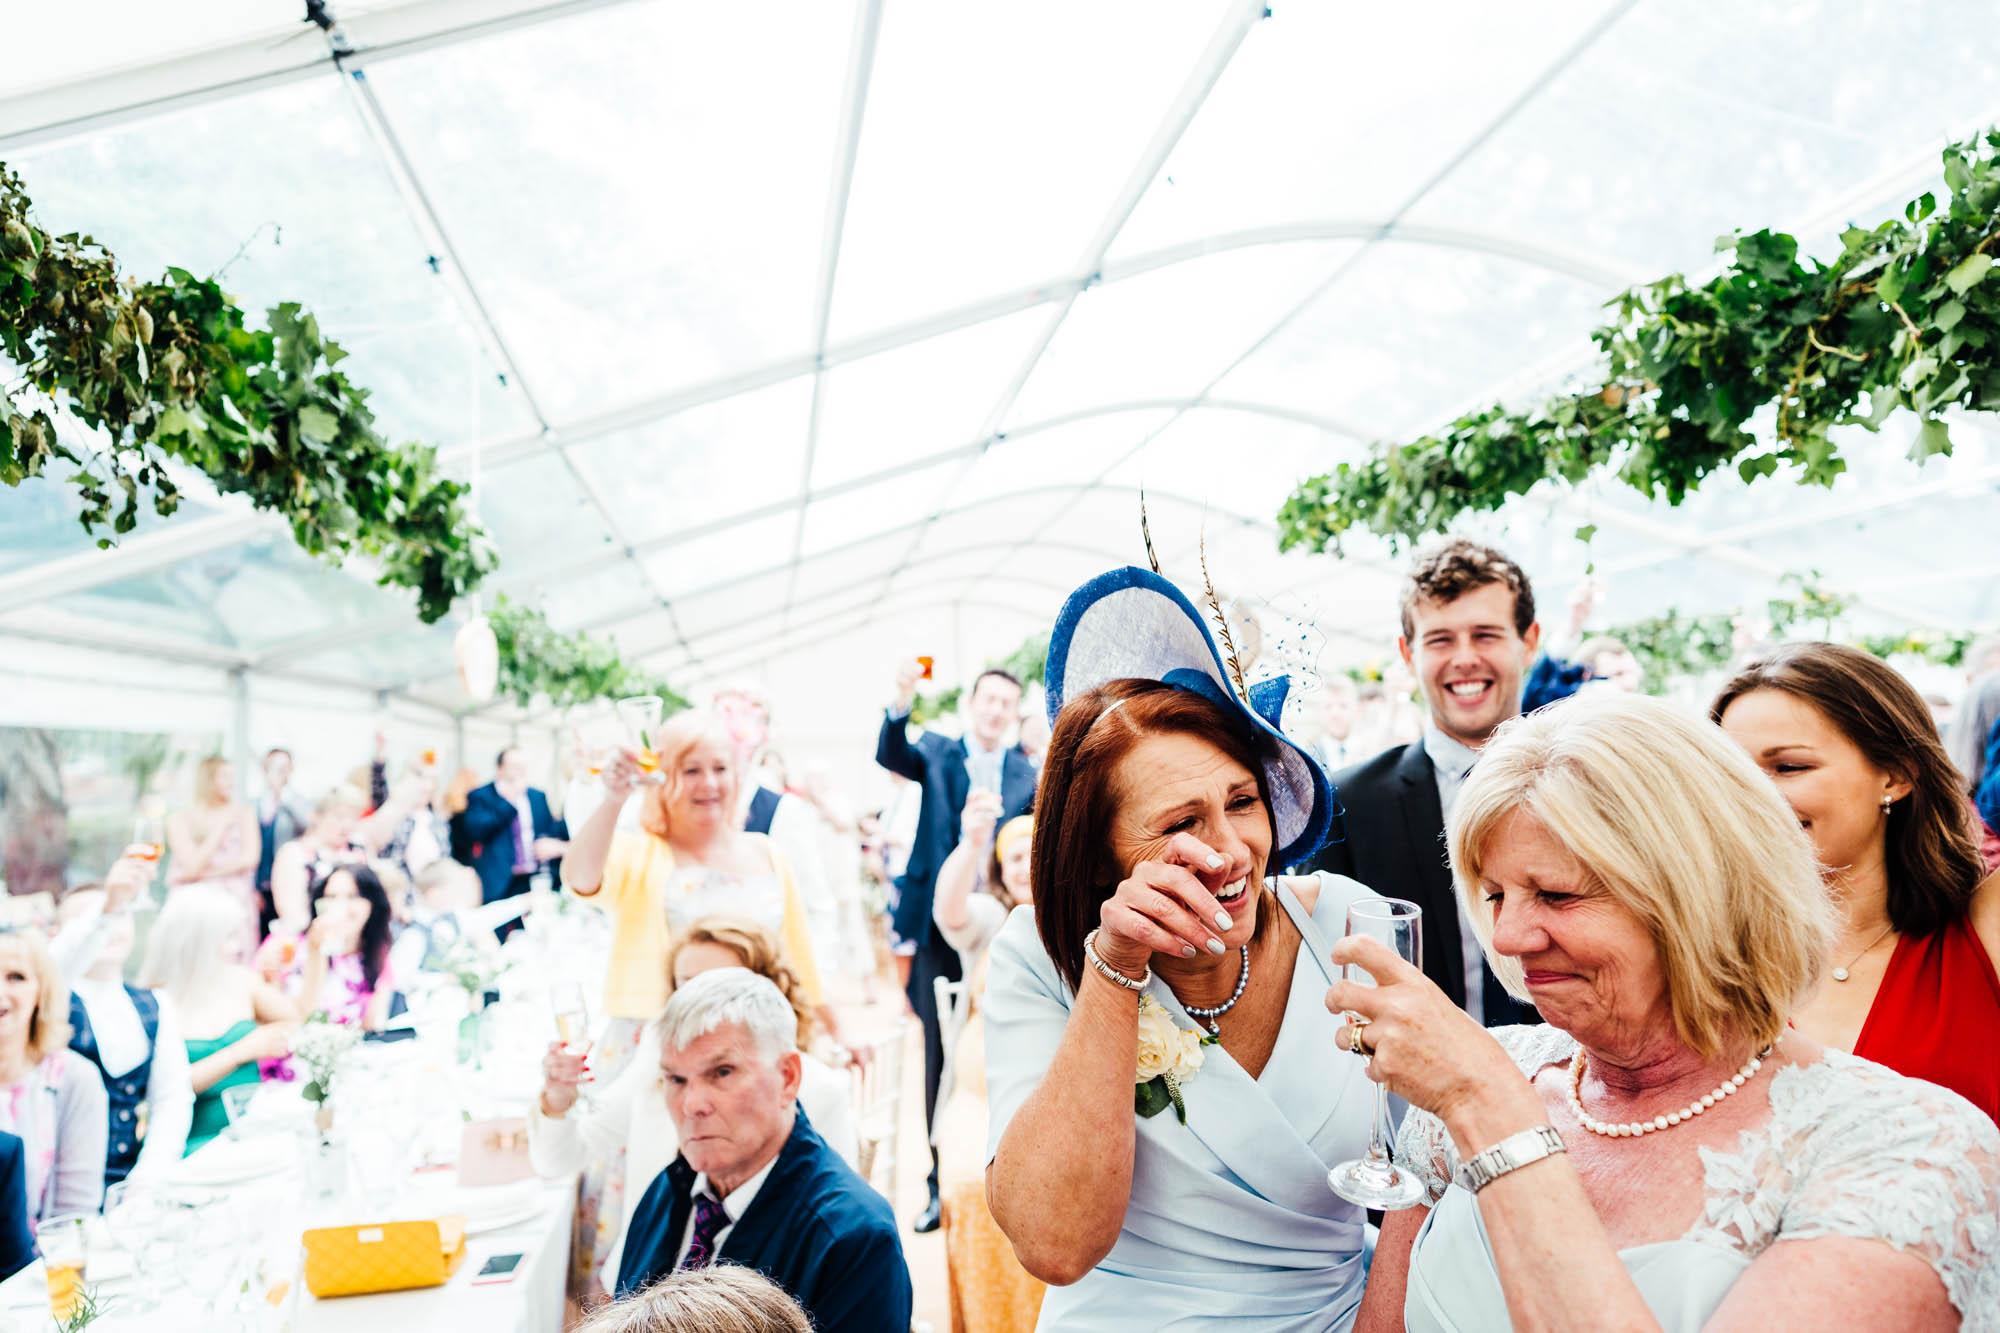 village-fete-wedding-60